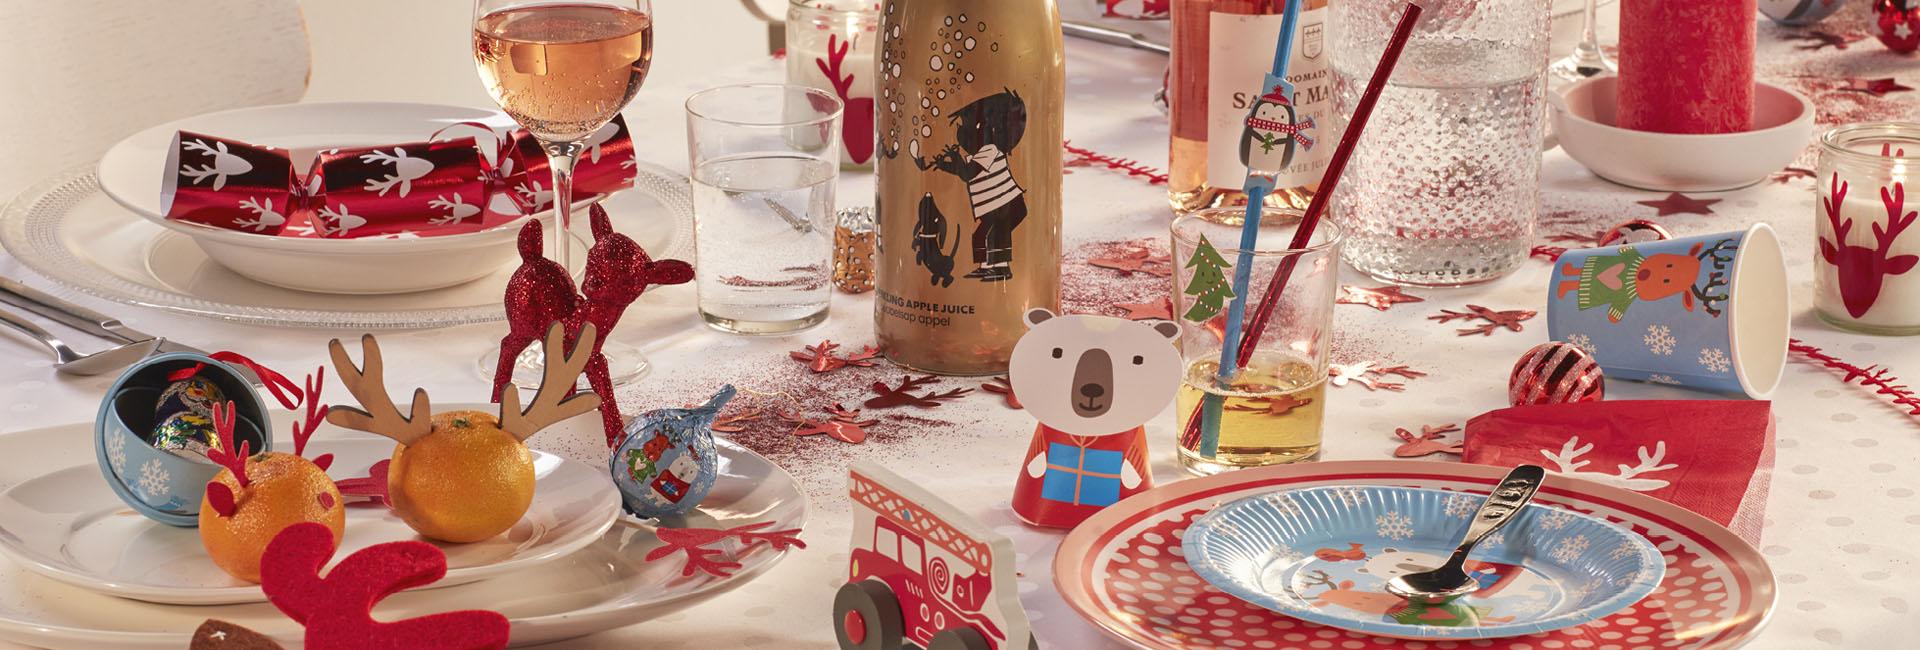 kersttafel kinderen